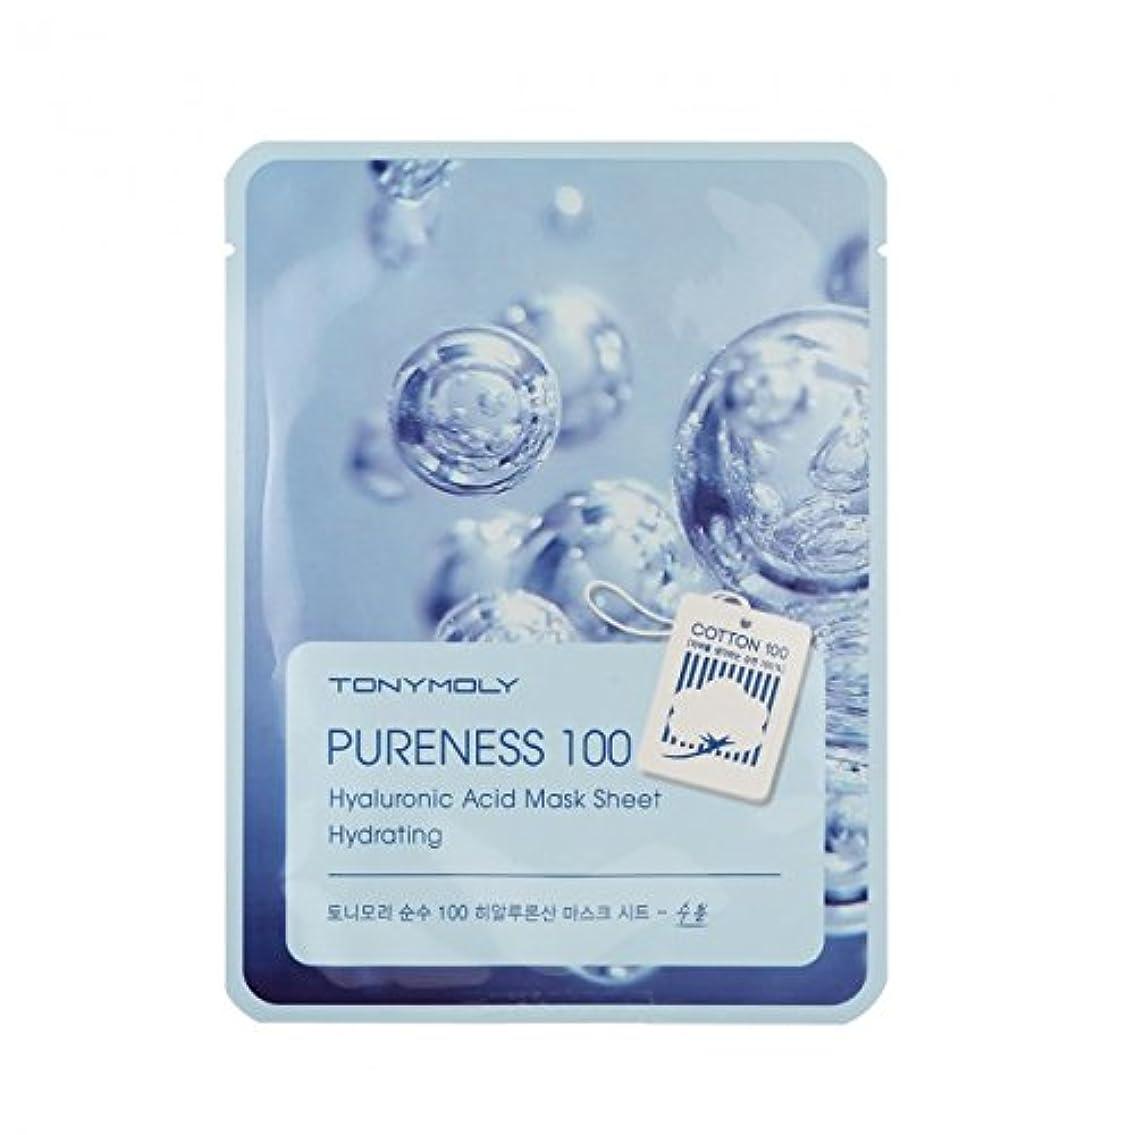 絵振る舞う帳面TONYMOLY Pureness 100 Hyaluronic Acid Mask Sheet Hydrating (並行輸入品)